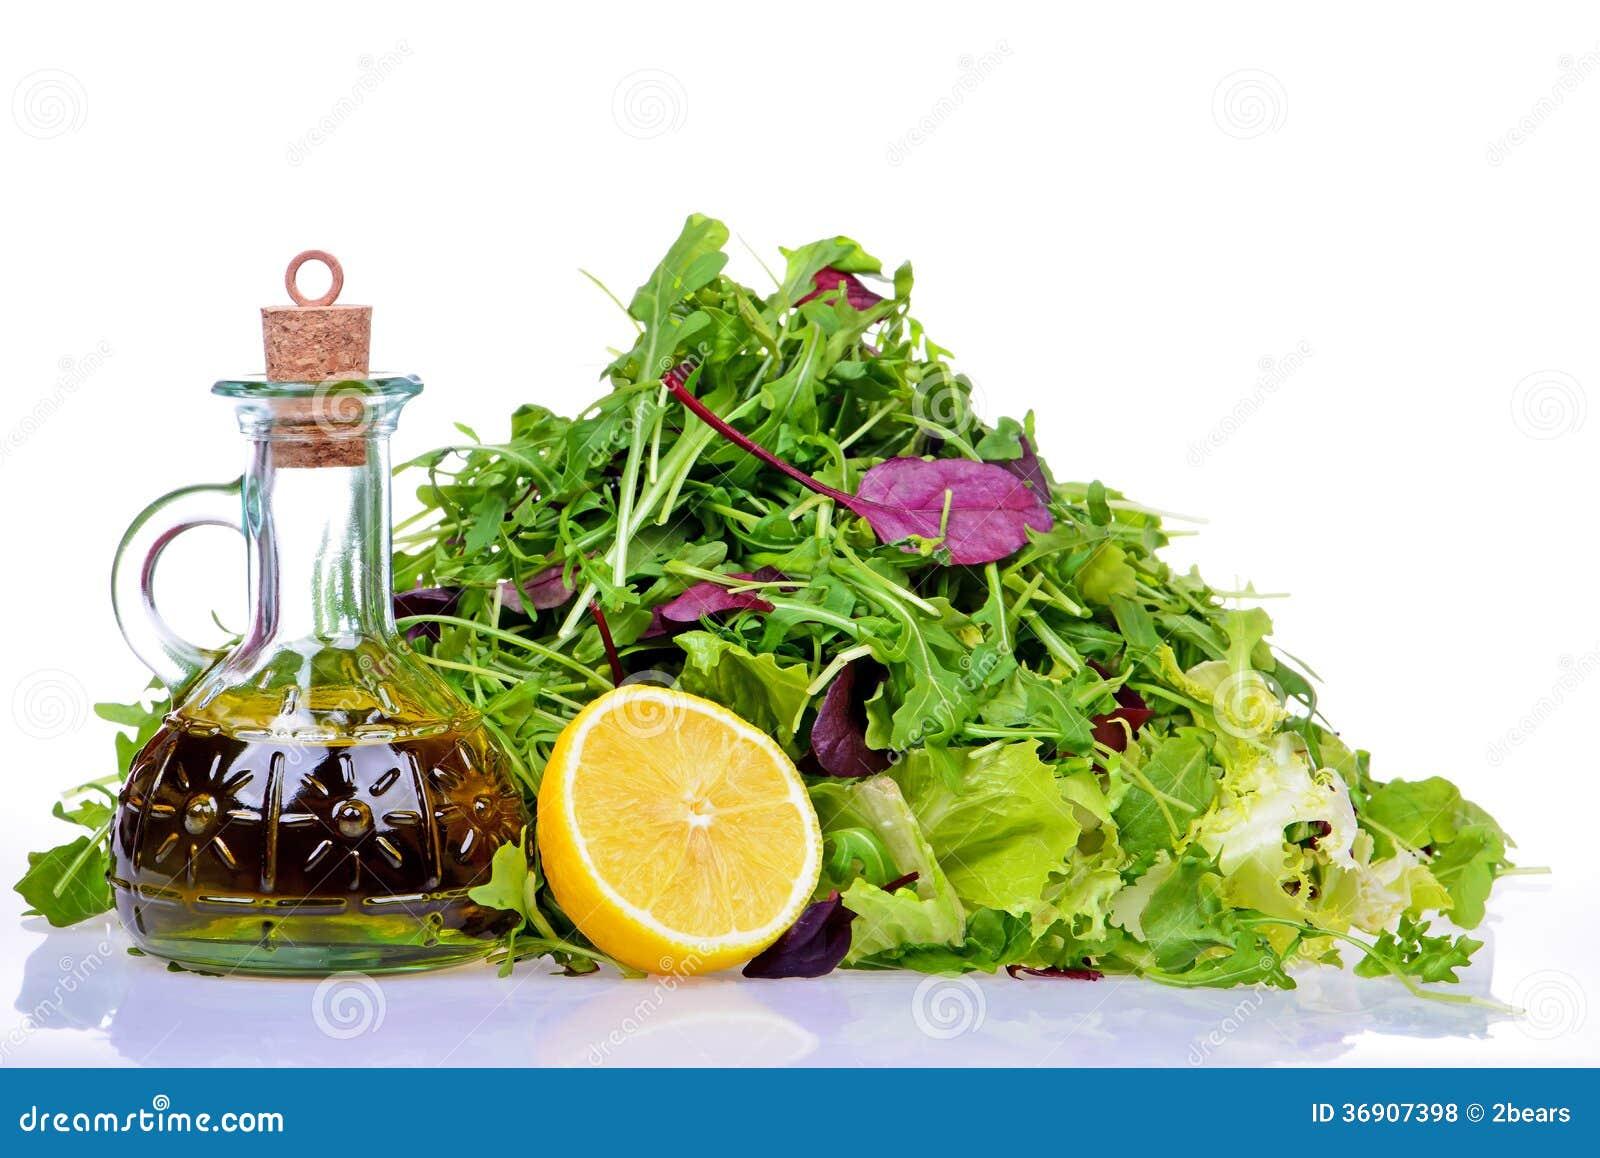 Sałatkowa mieszanka z butelką oliwa z oliwek i cytryna na bielu